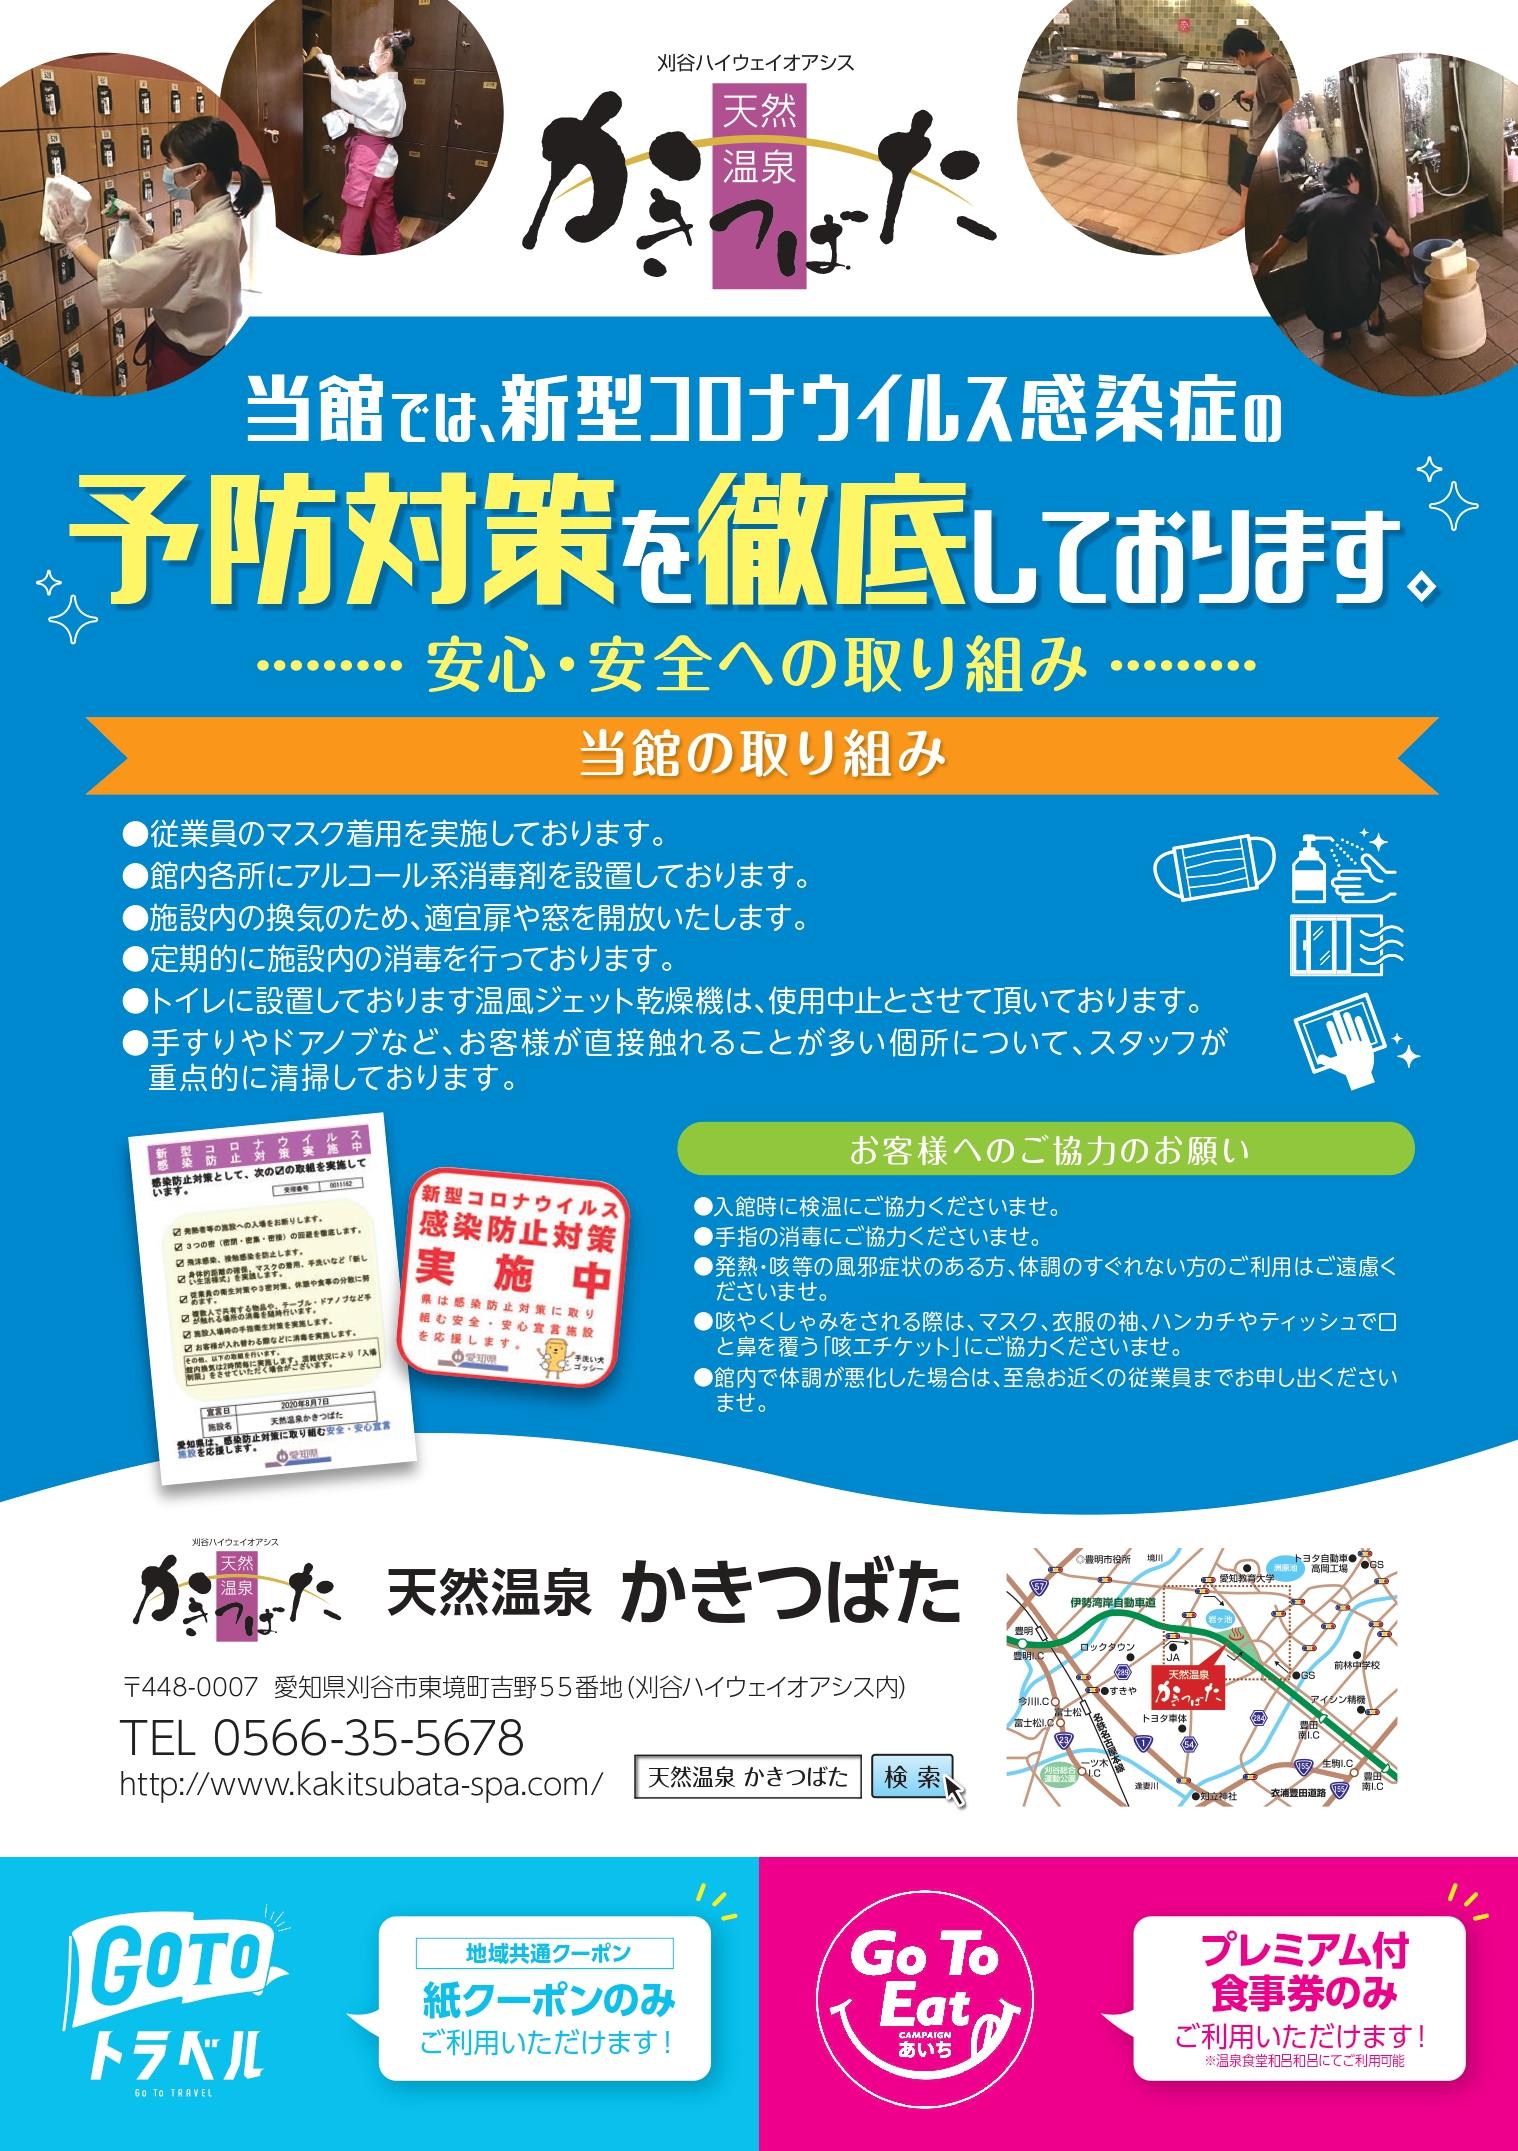 新型コロナウィルス対策と、おすすめ施設紹介